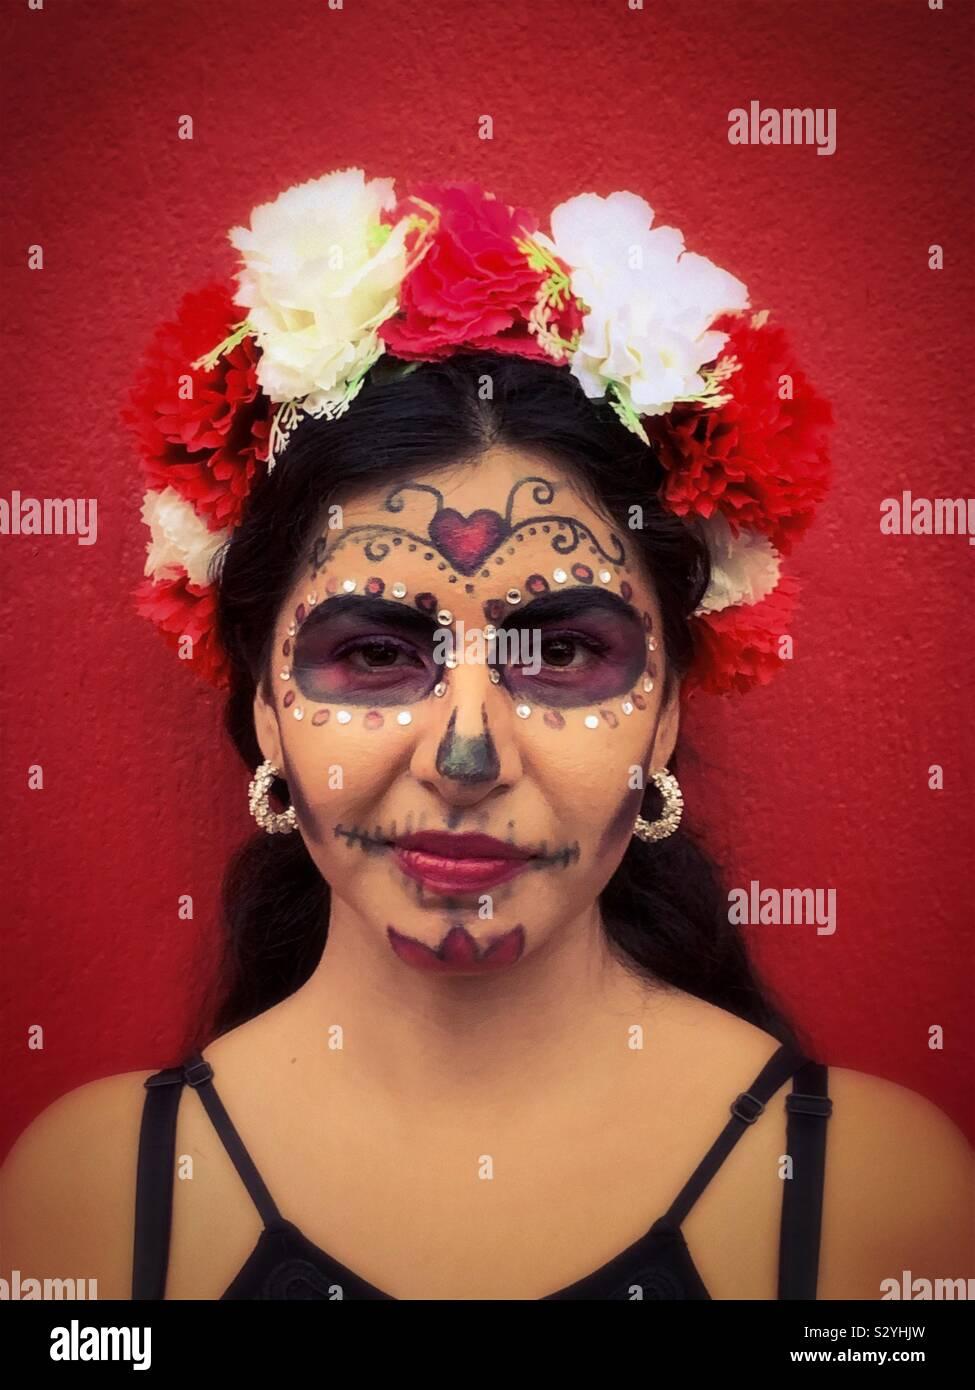 Une jeune femme avec son visage peint comme un catrina s'habille pour une fête d'Halloween à Ajijic, Mexique. Banque D'Images